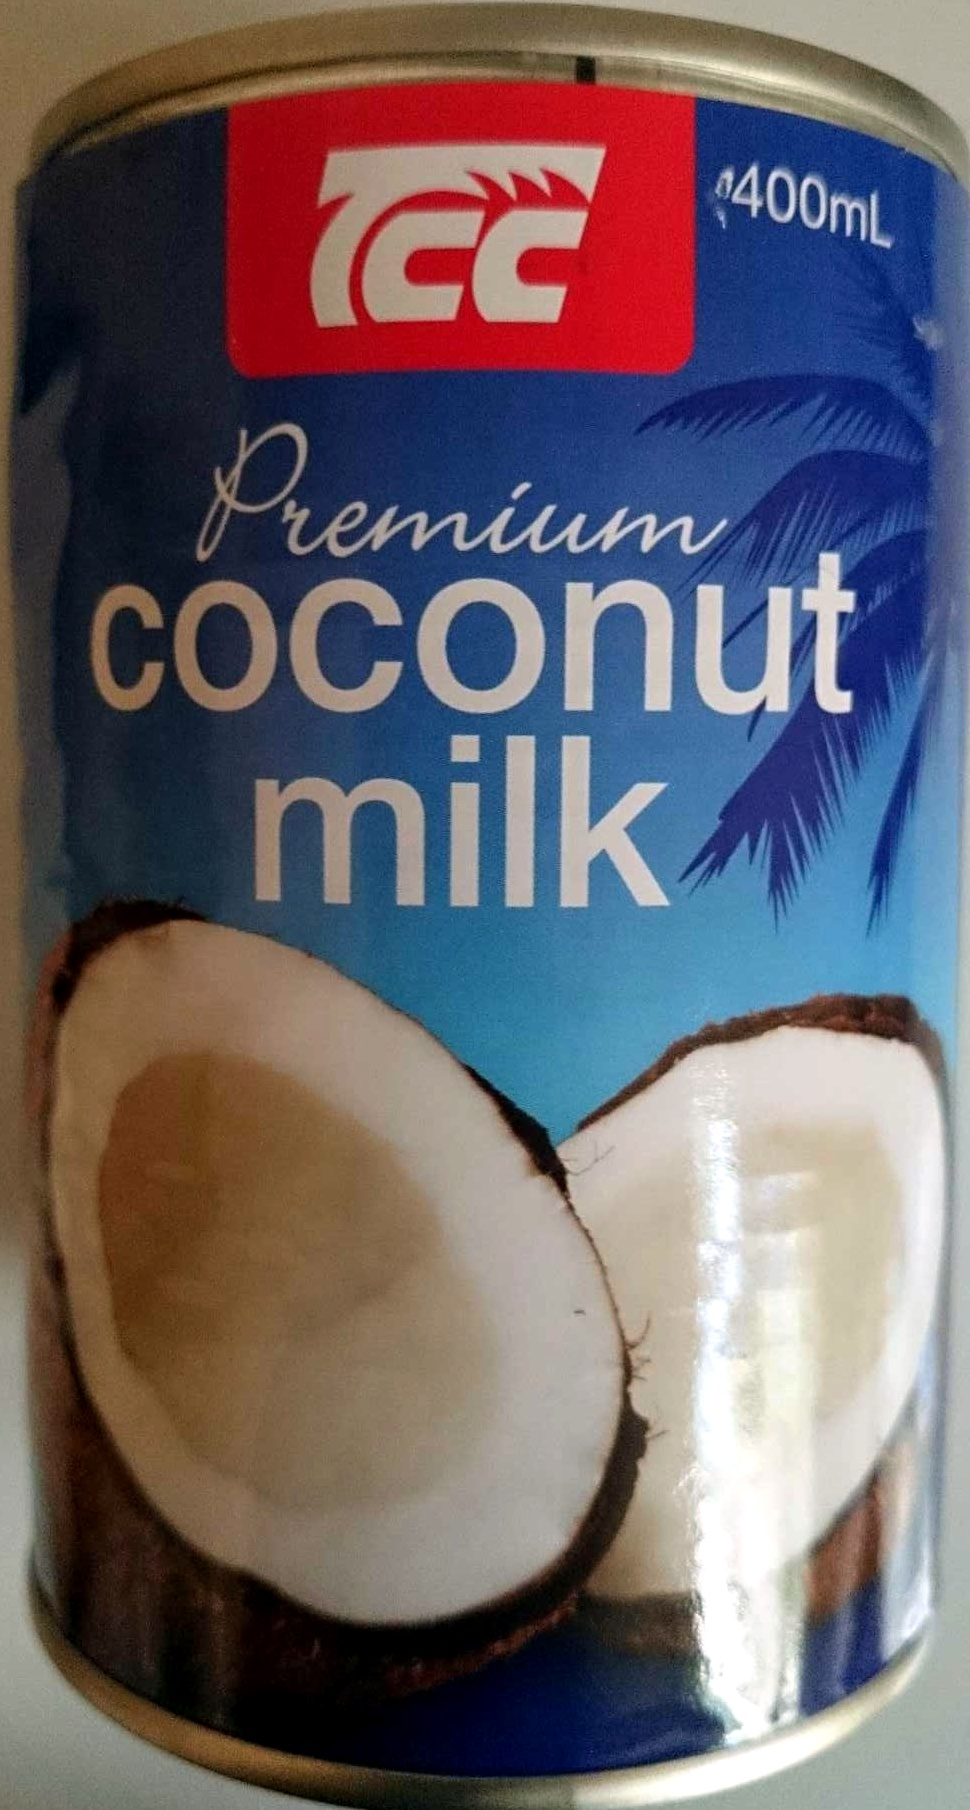 TCC Premium Coconut Milk - Product - en